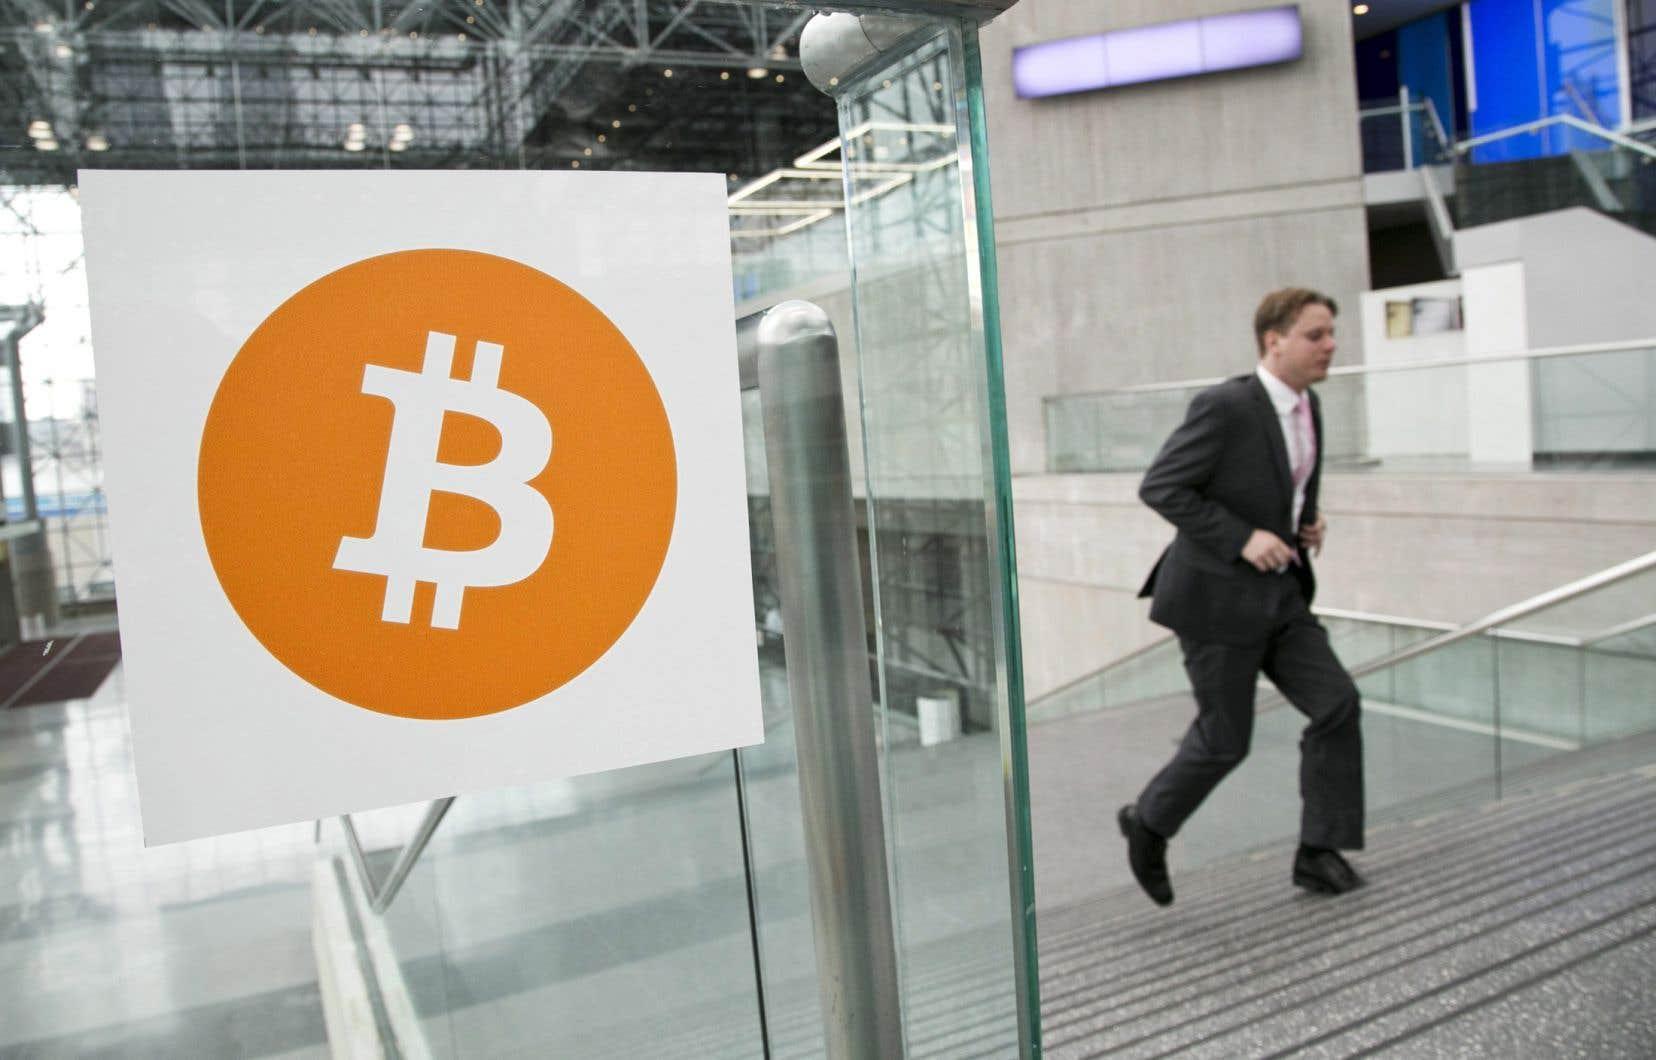 Après une fièvre d'achat fin 2017 et une chute spectaculaire au début de l'année, le cours du bitcoin, toujours morose, a de nouveau reculé ces dernières semaines.